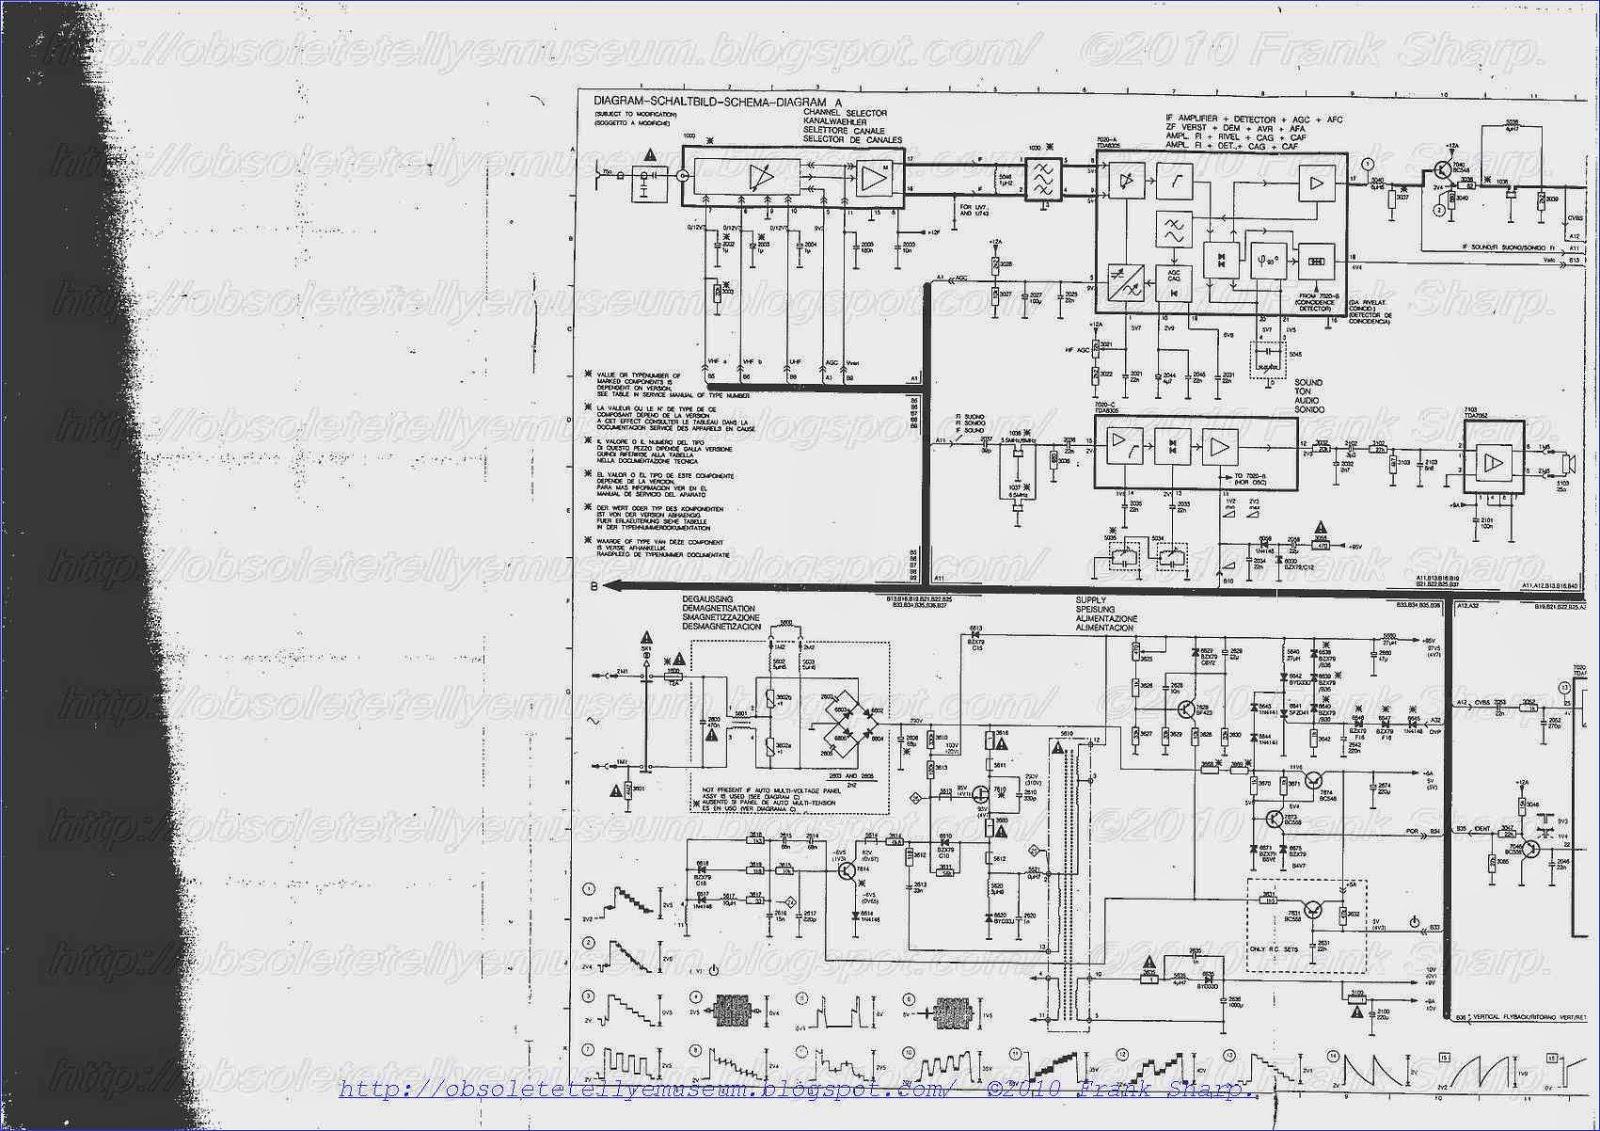 Philips Iron Wiring Diagram - Wiring Diagrams Schematics